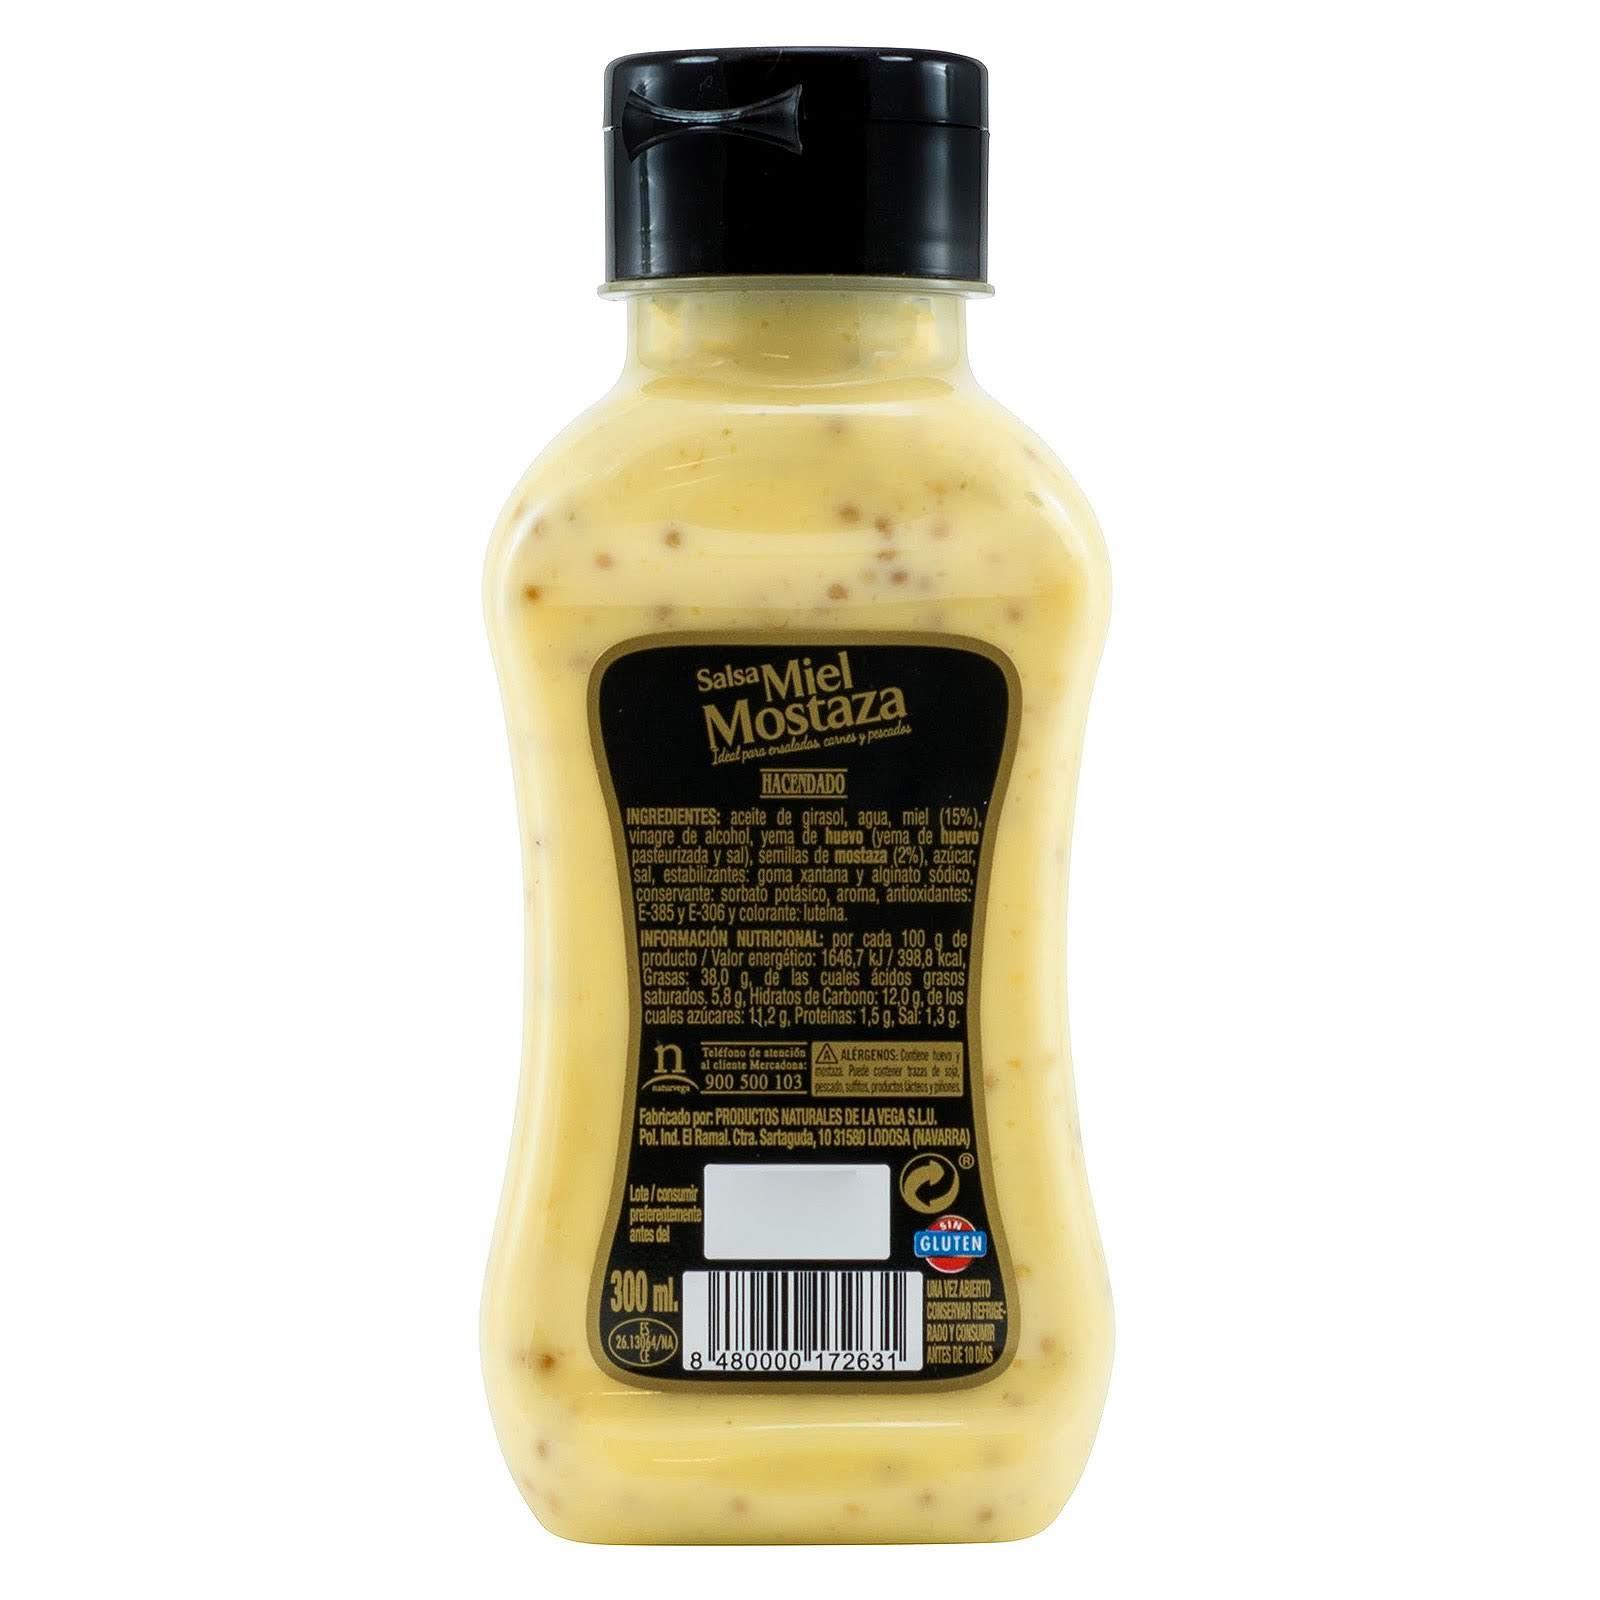 Salsa miel y mostaza Hacendado